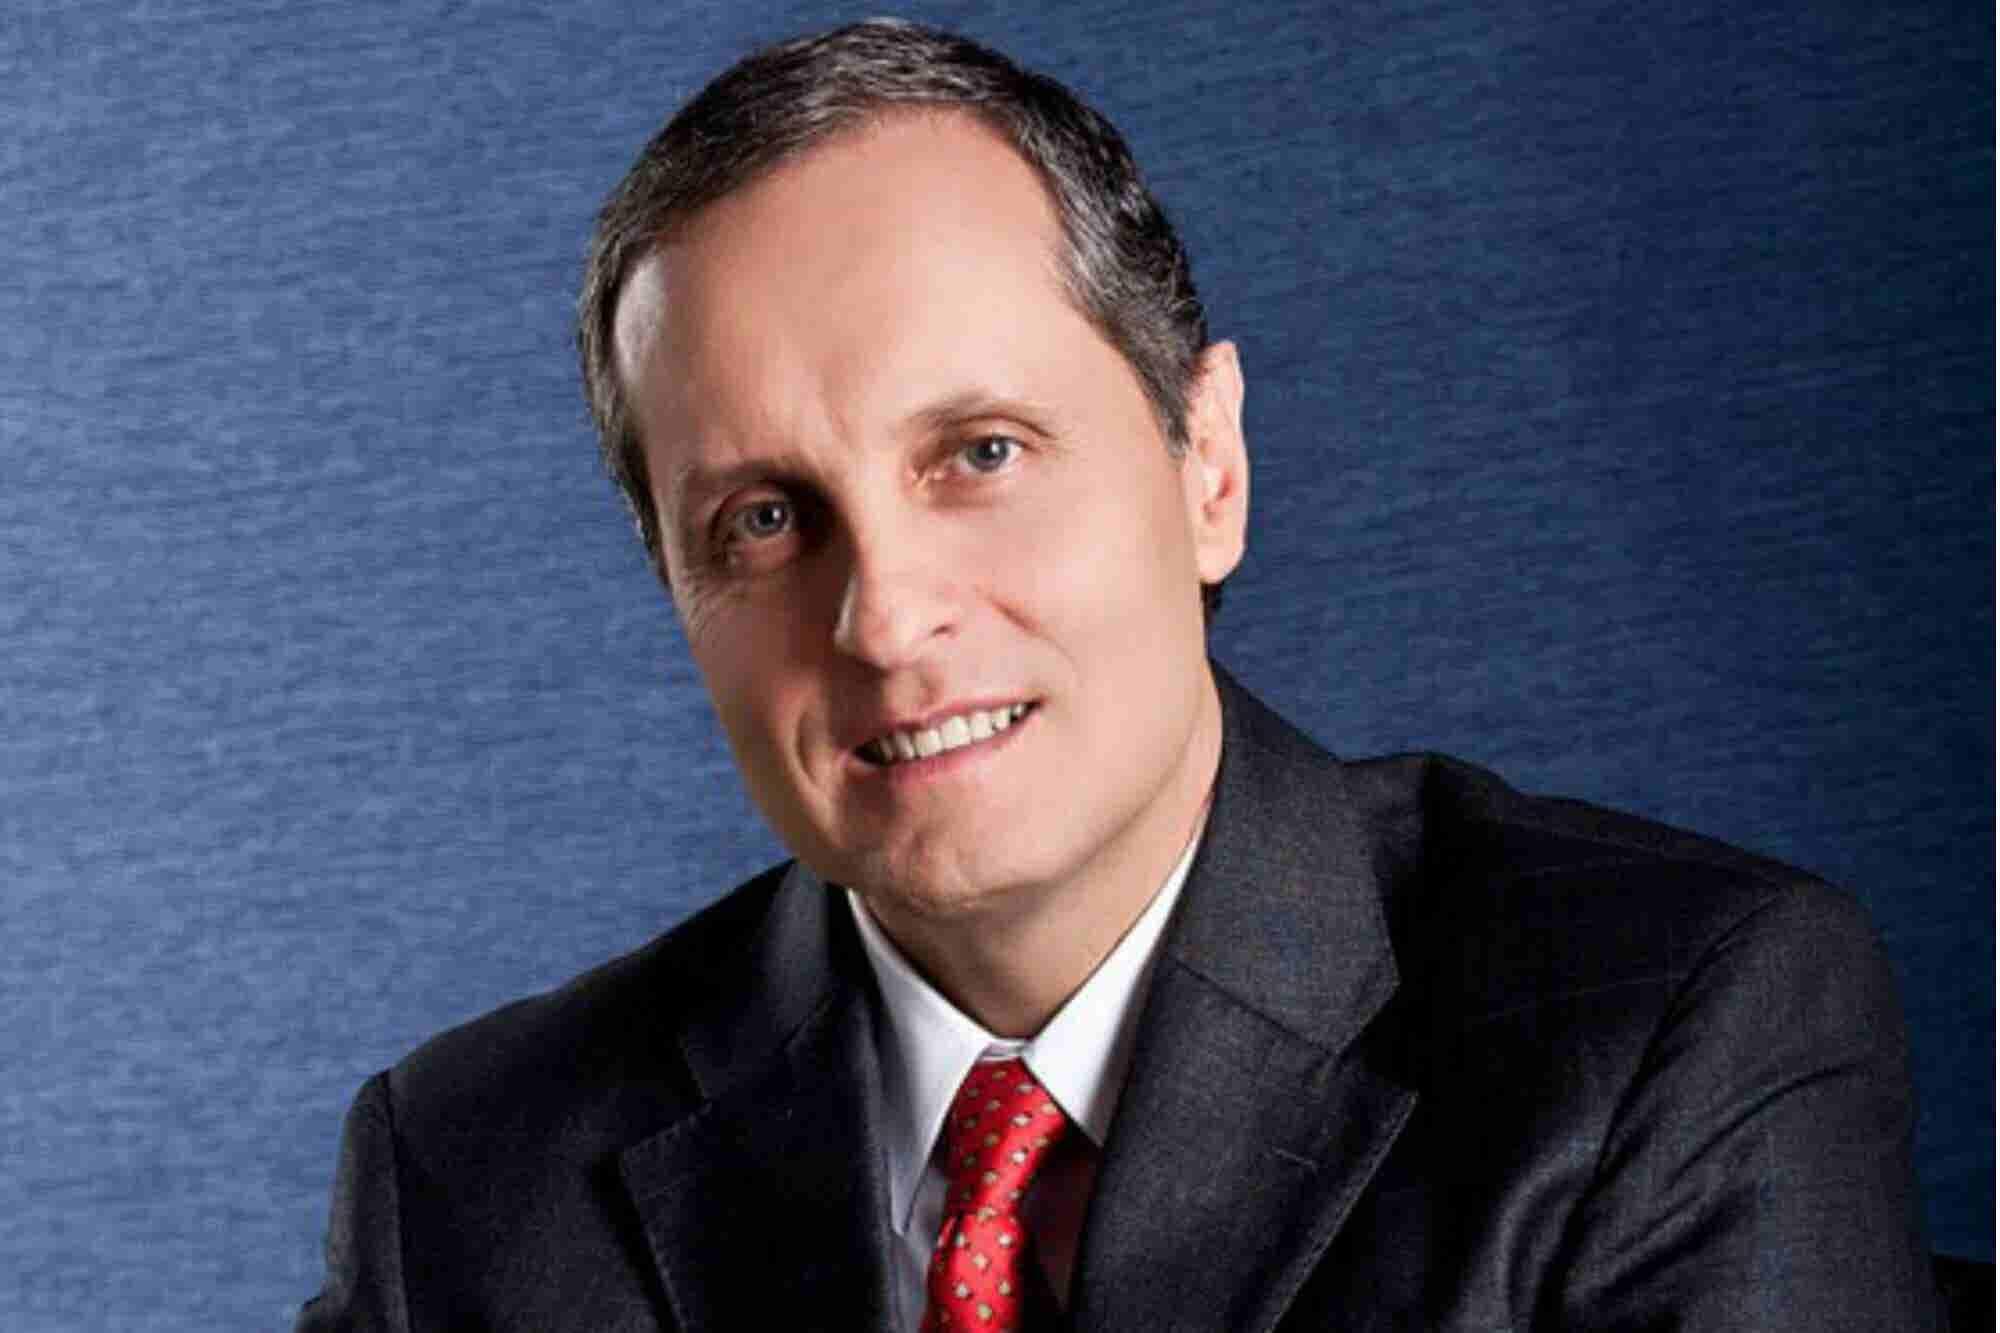 Las conductas indebidas de repartidor de Bimbo no reflejan nuestras creencias: Daniel Servitje